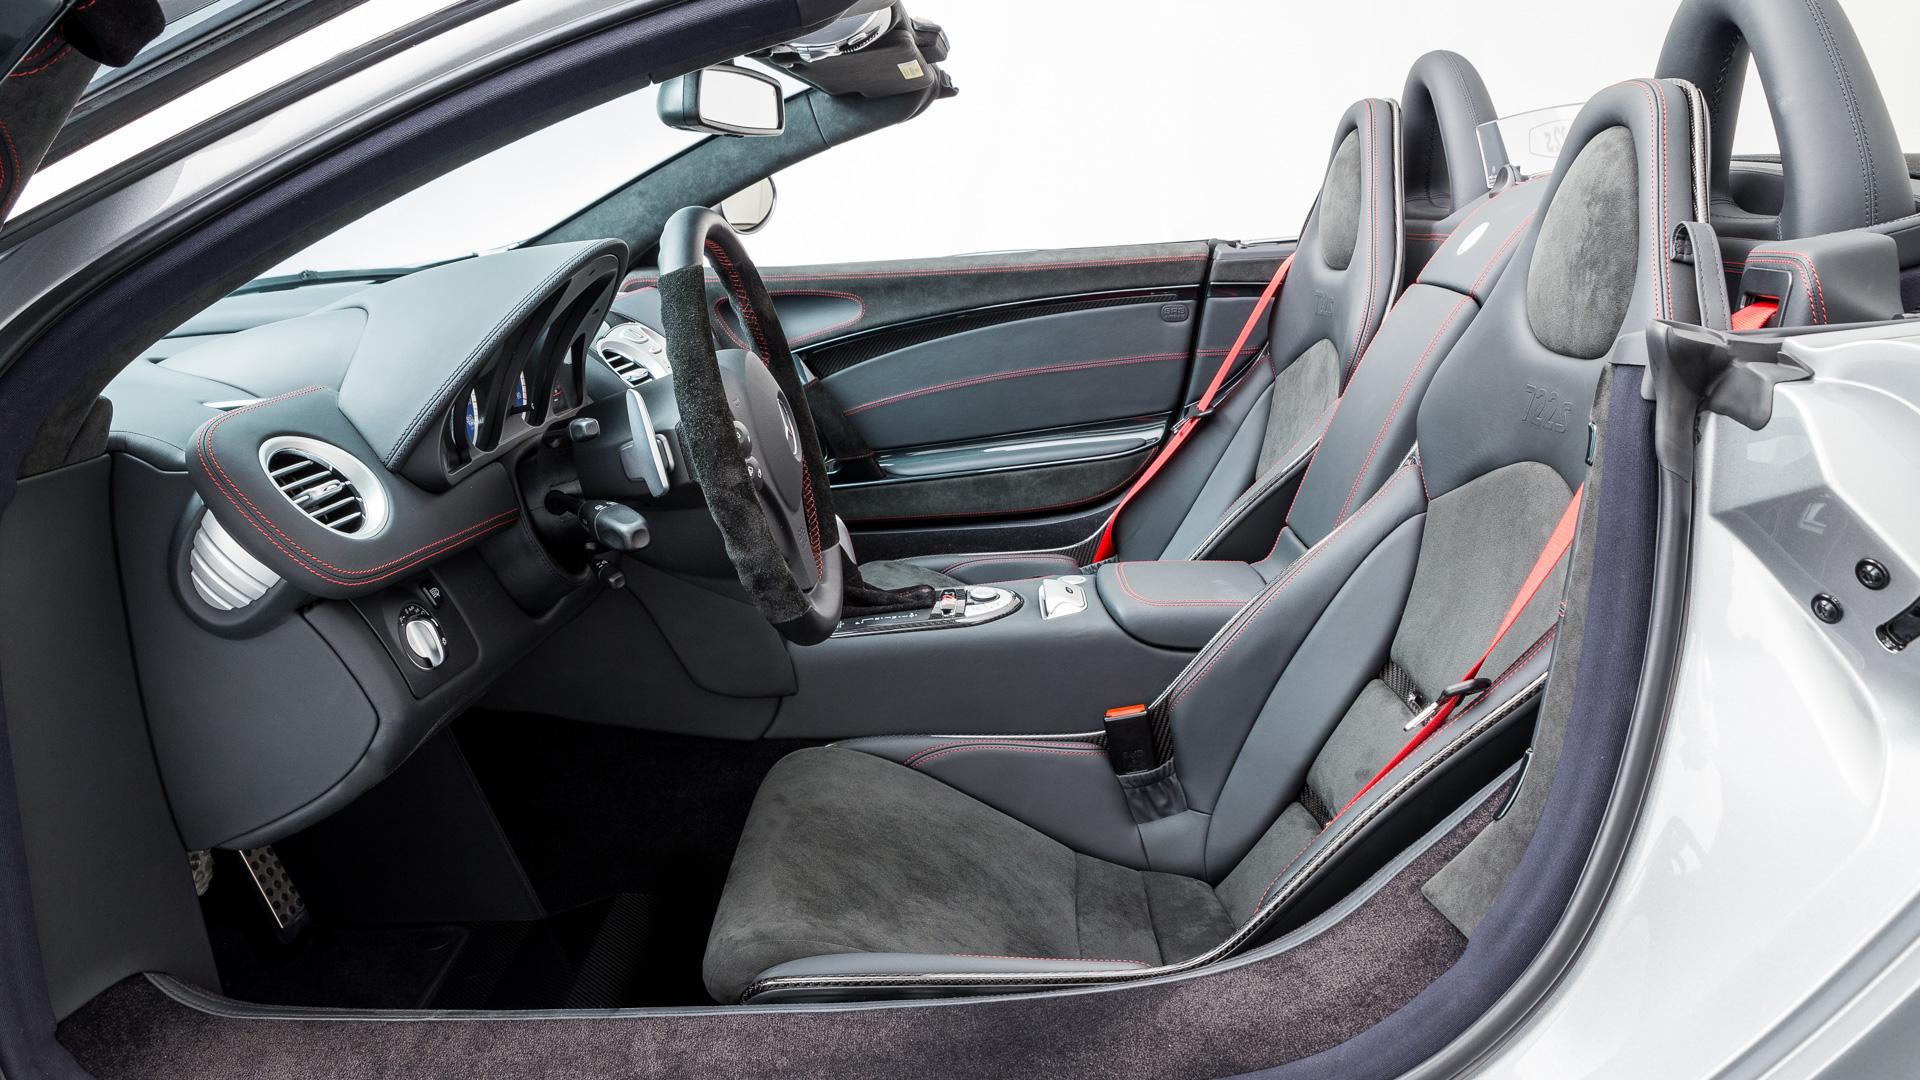 Mercedes-Benz SLR McLaren 722 S Roadster steht zum Verkauf